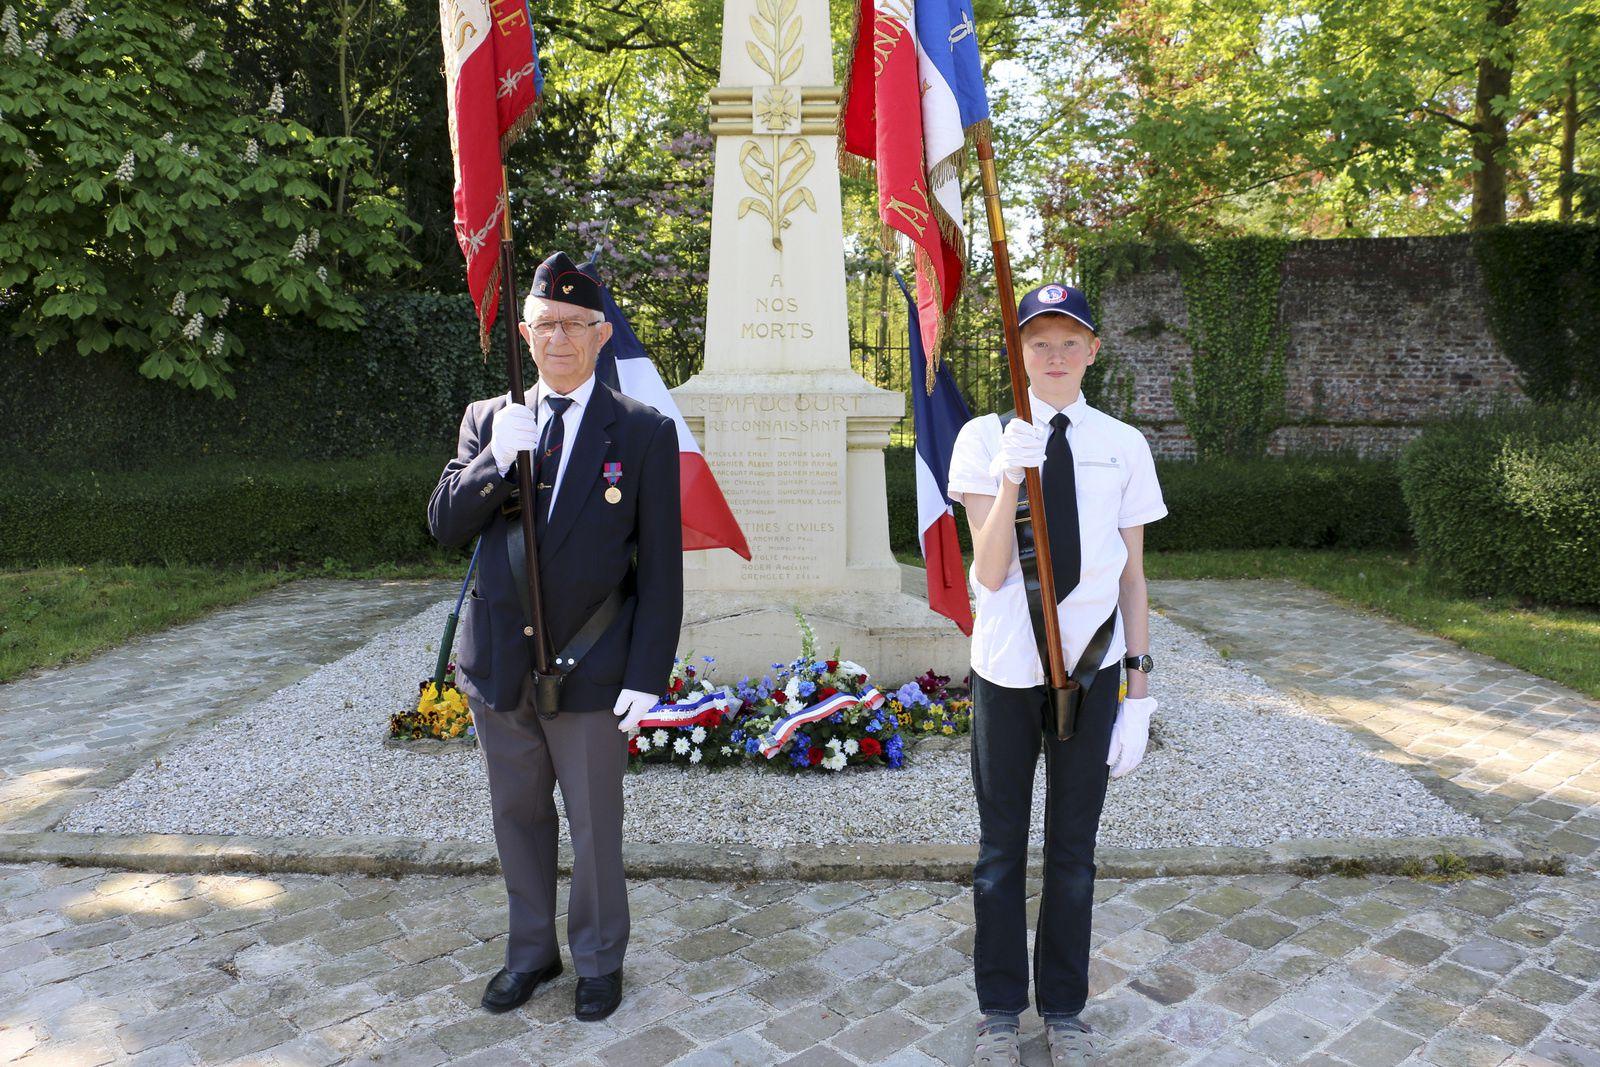 Monsieur Gilbert Wattiau, porte-drapeau dévolu aux communes de Remaucourt, Lesdins et Omissy et le jeune Timéo.